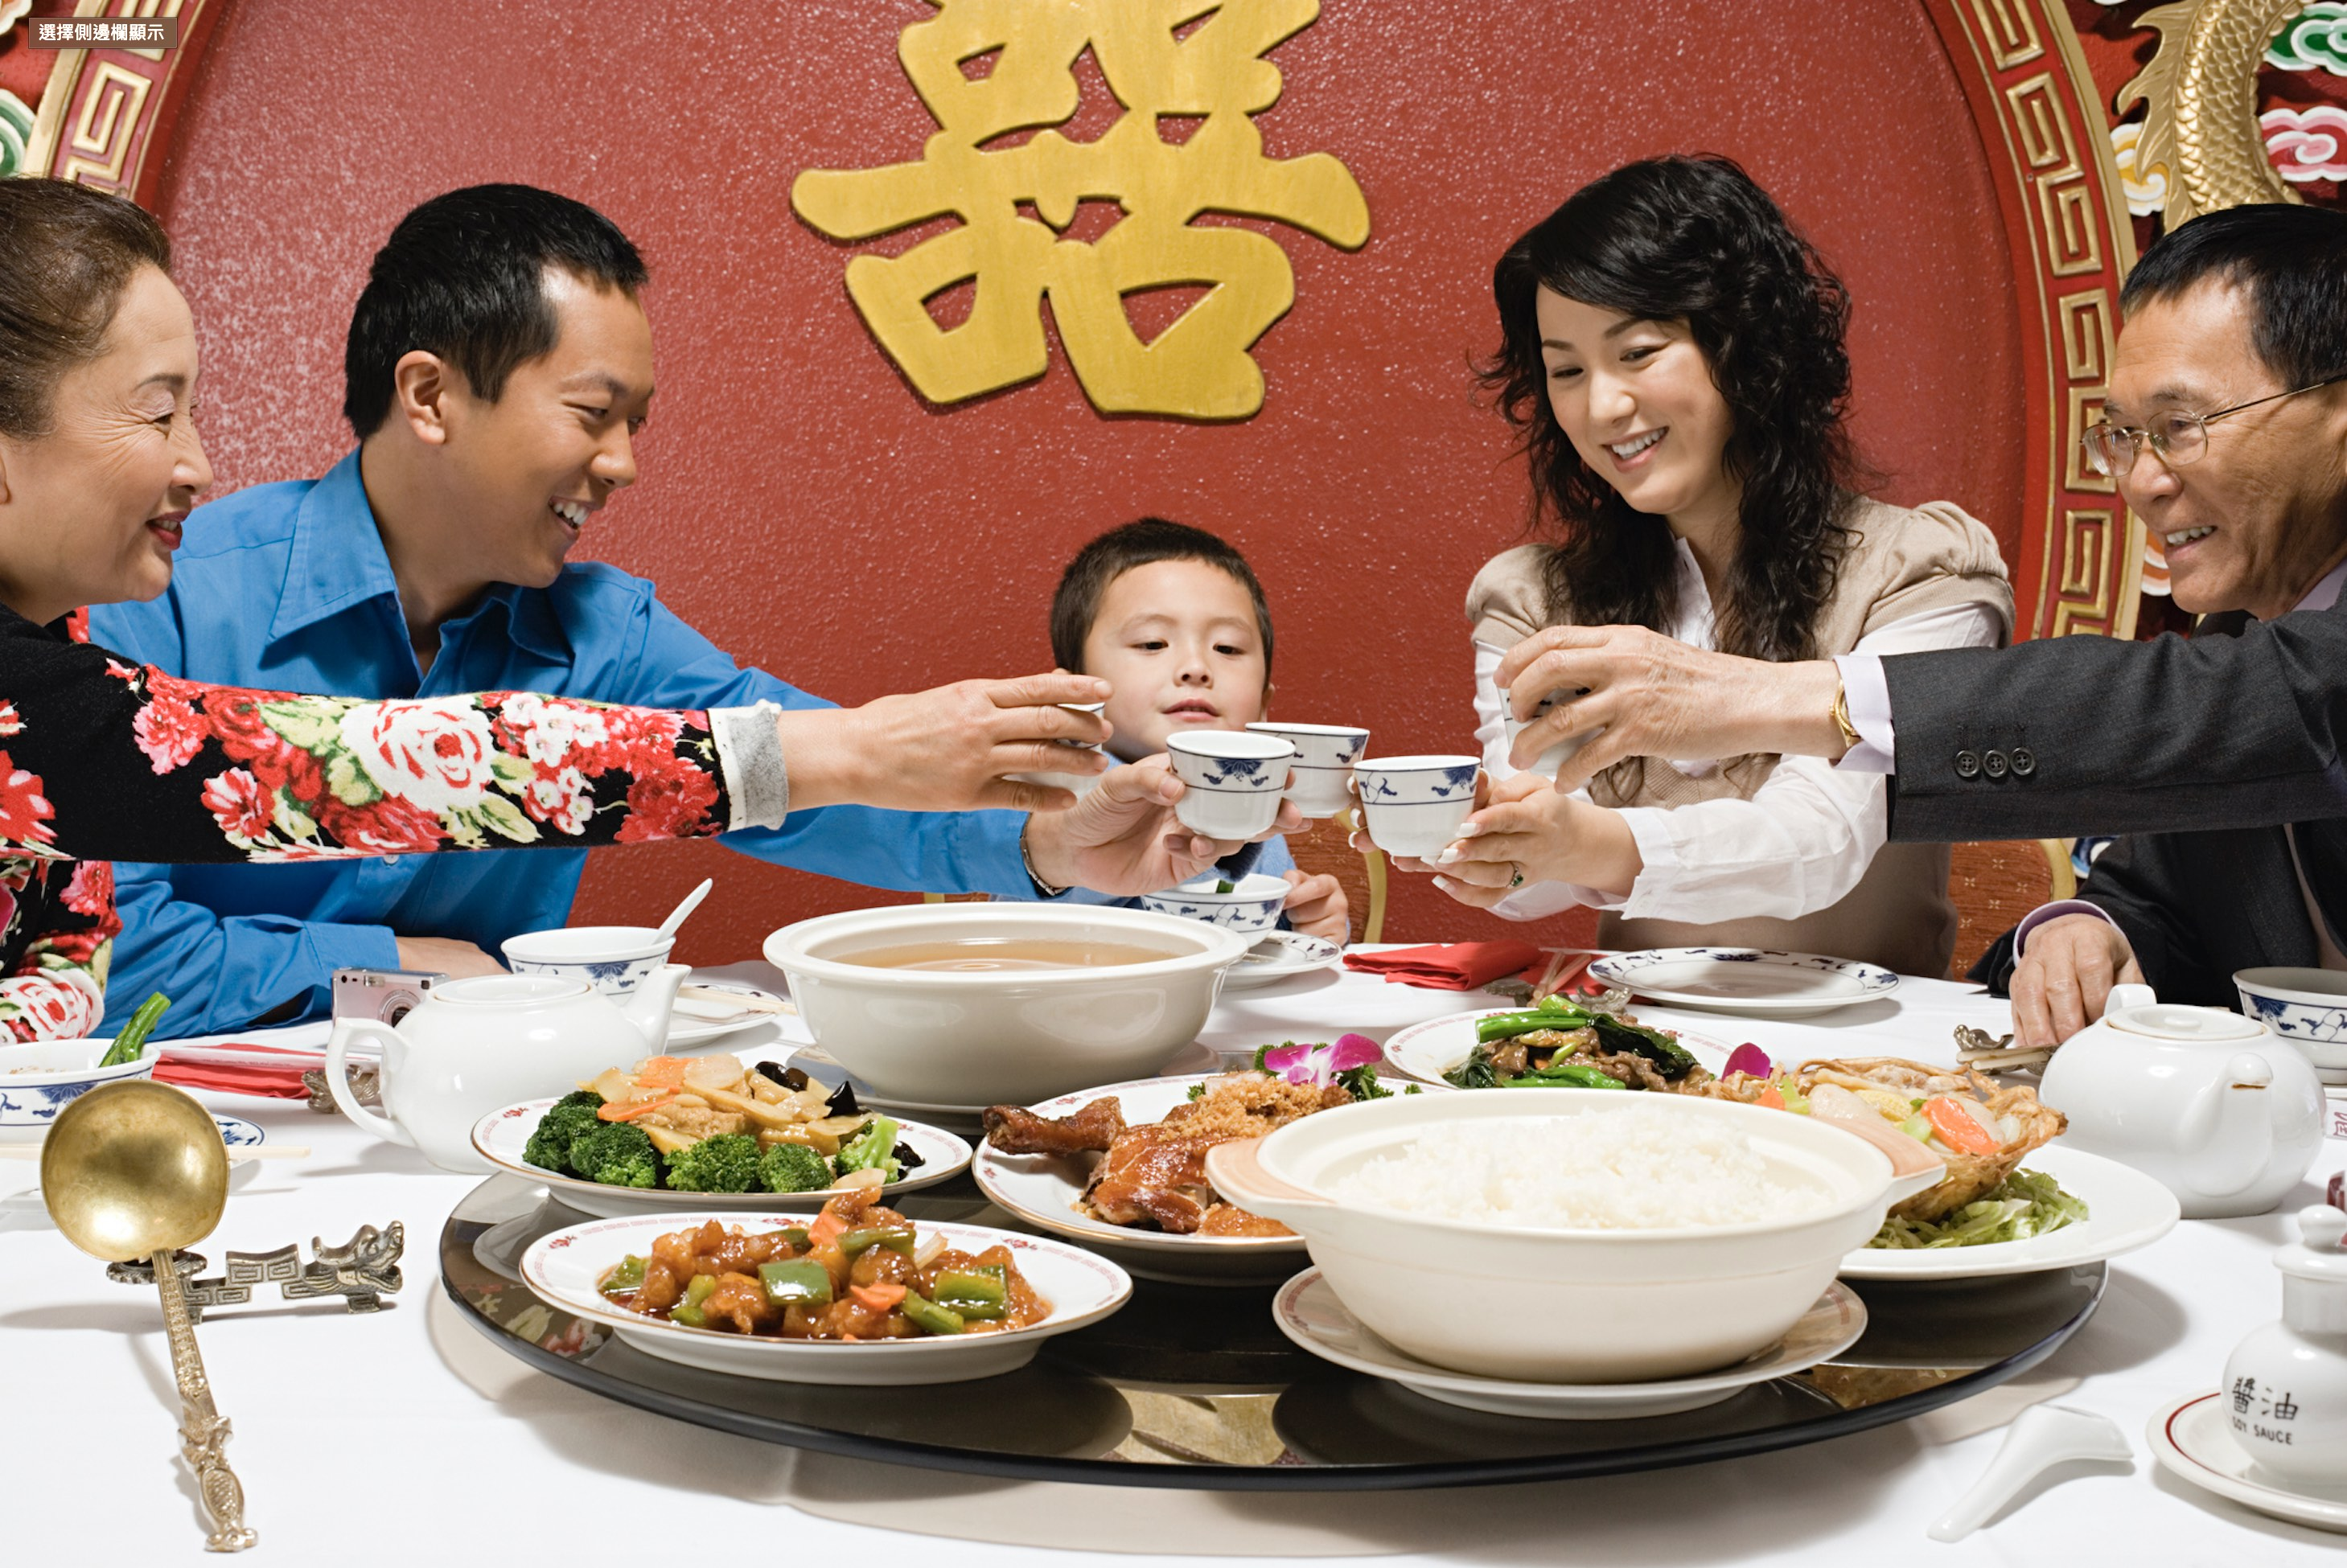 想像得到嗎,20 世紀以前華人餐桌上並沒有這種大轉盤,它的誕生其實是因為肺結核的防治。圖│iStock